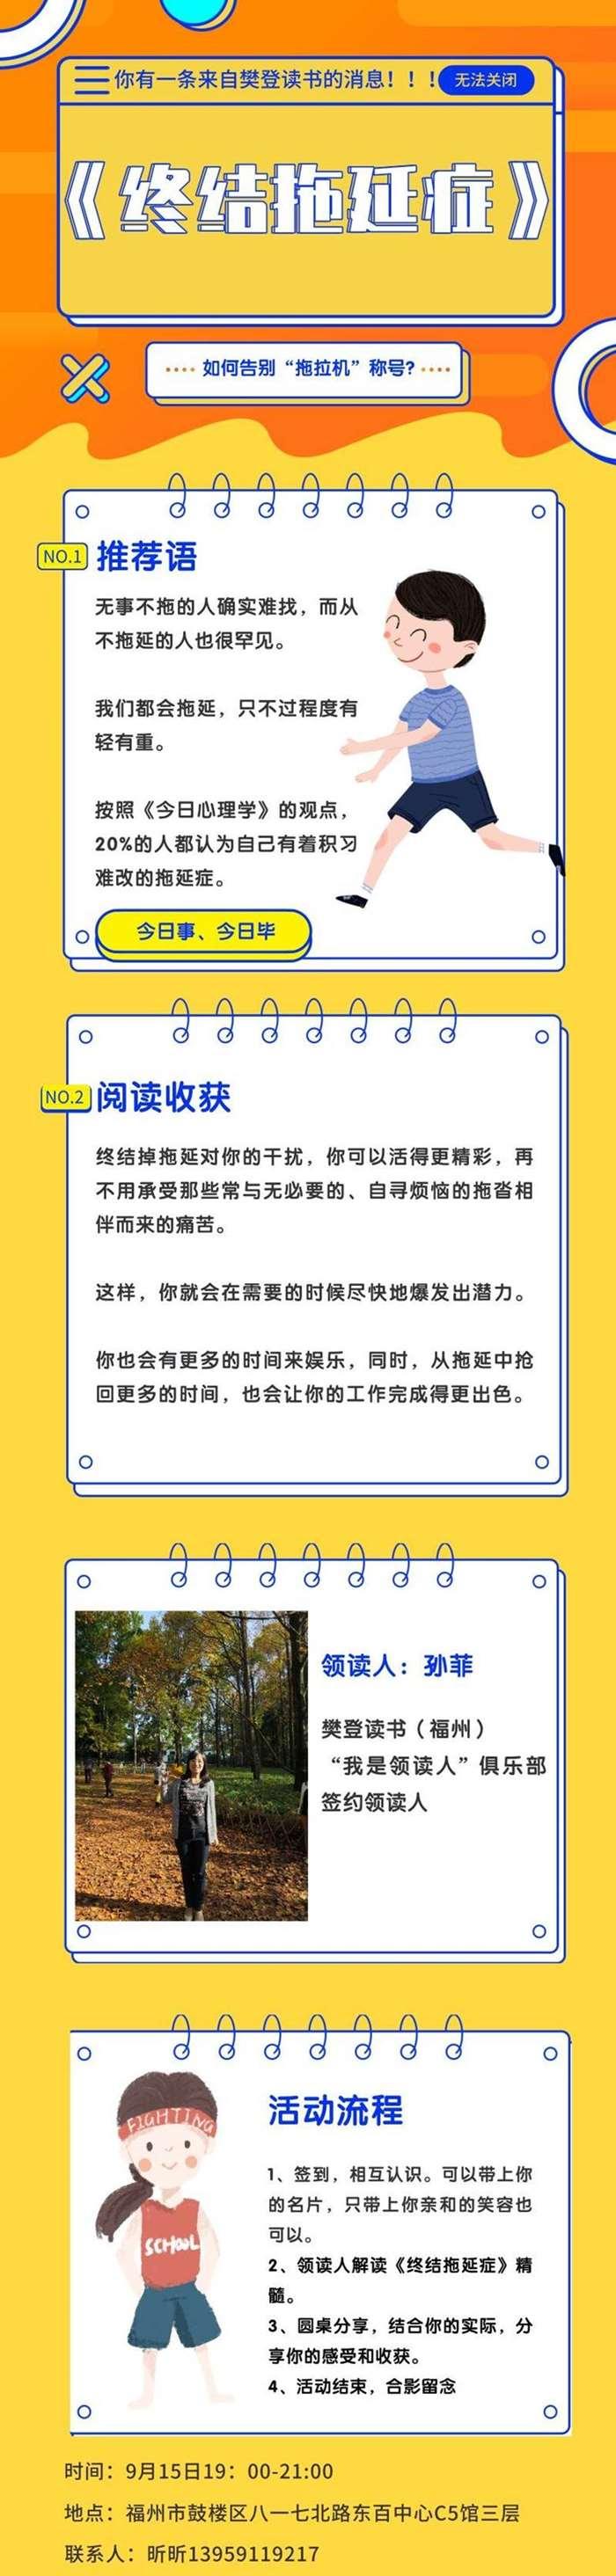 副本_孙菲_自定义px_2019.09.08 (1).png